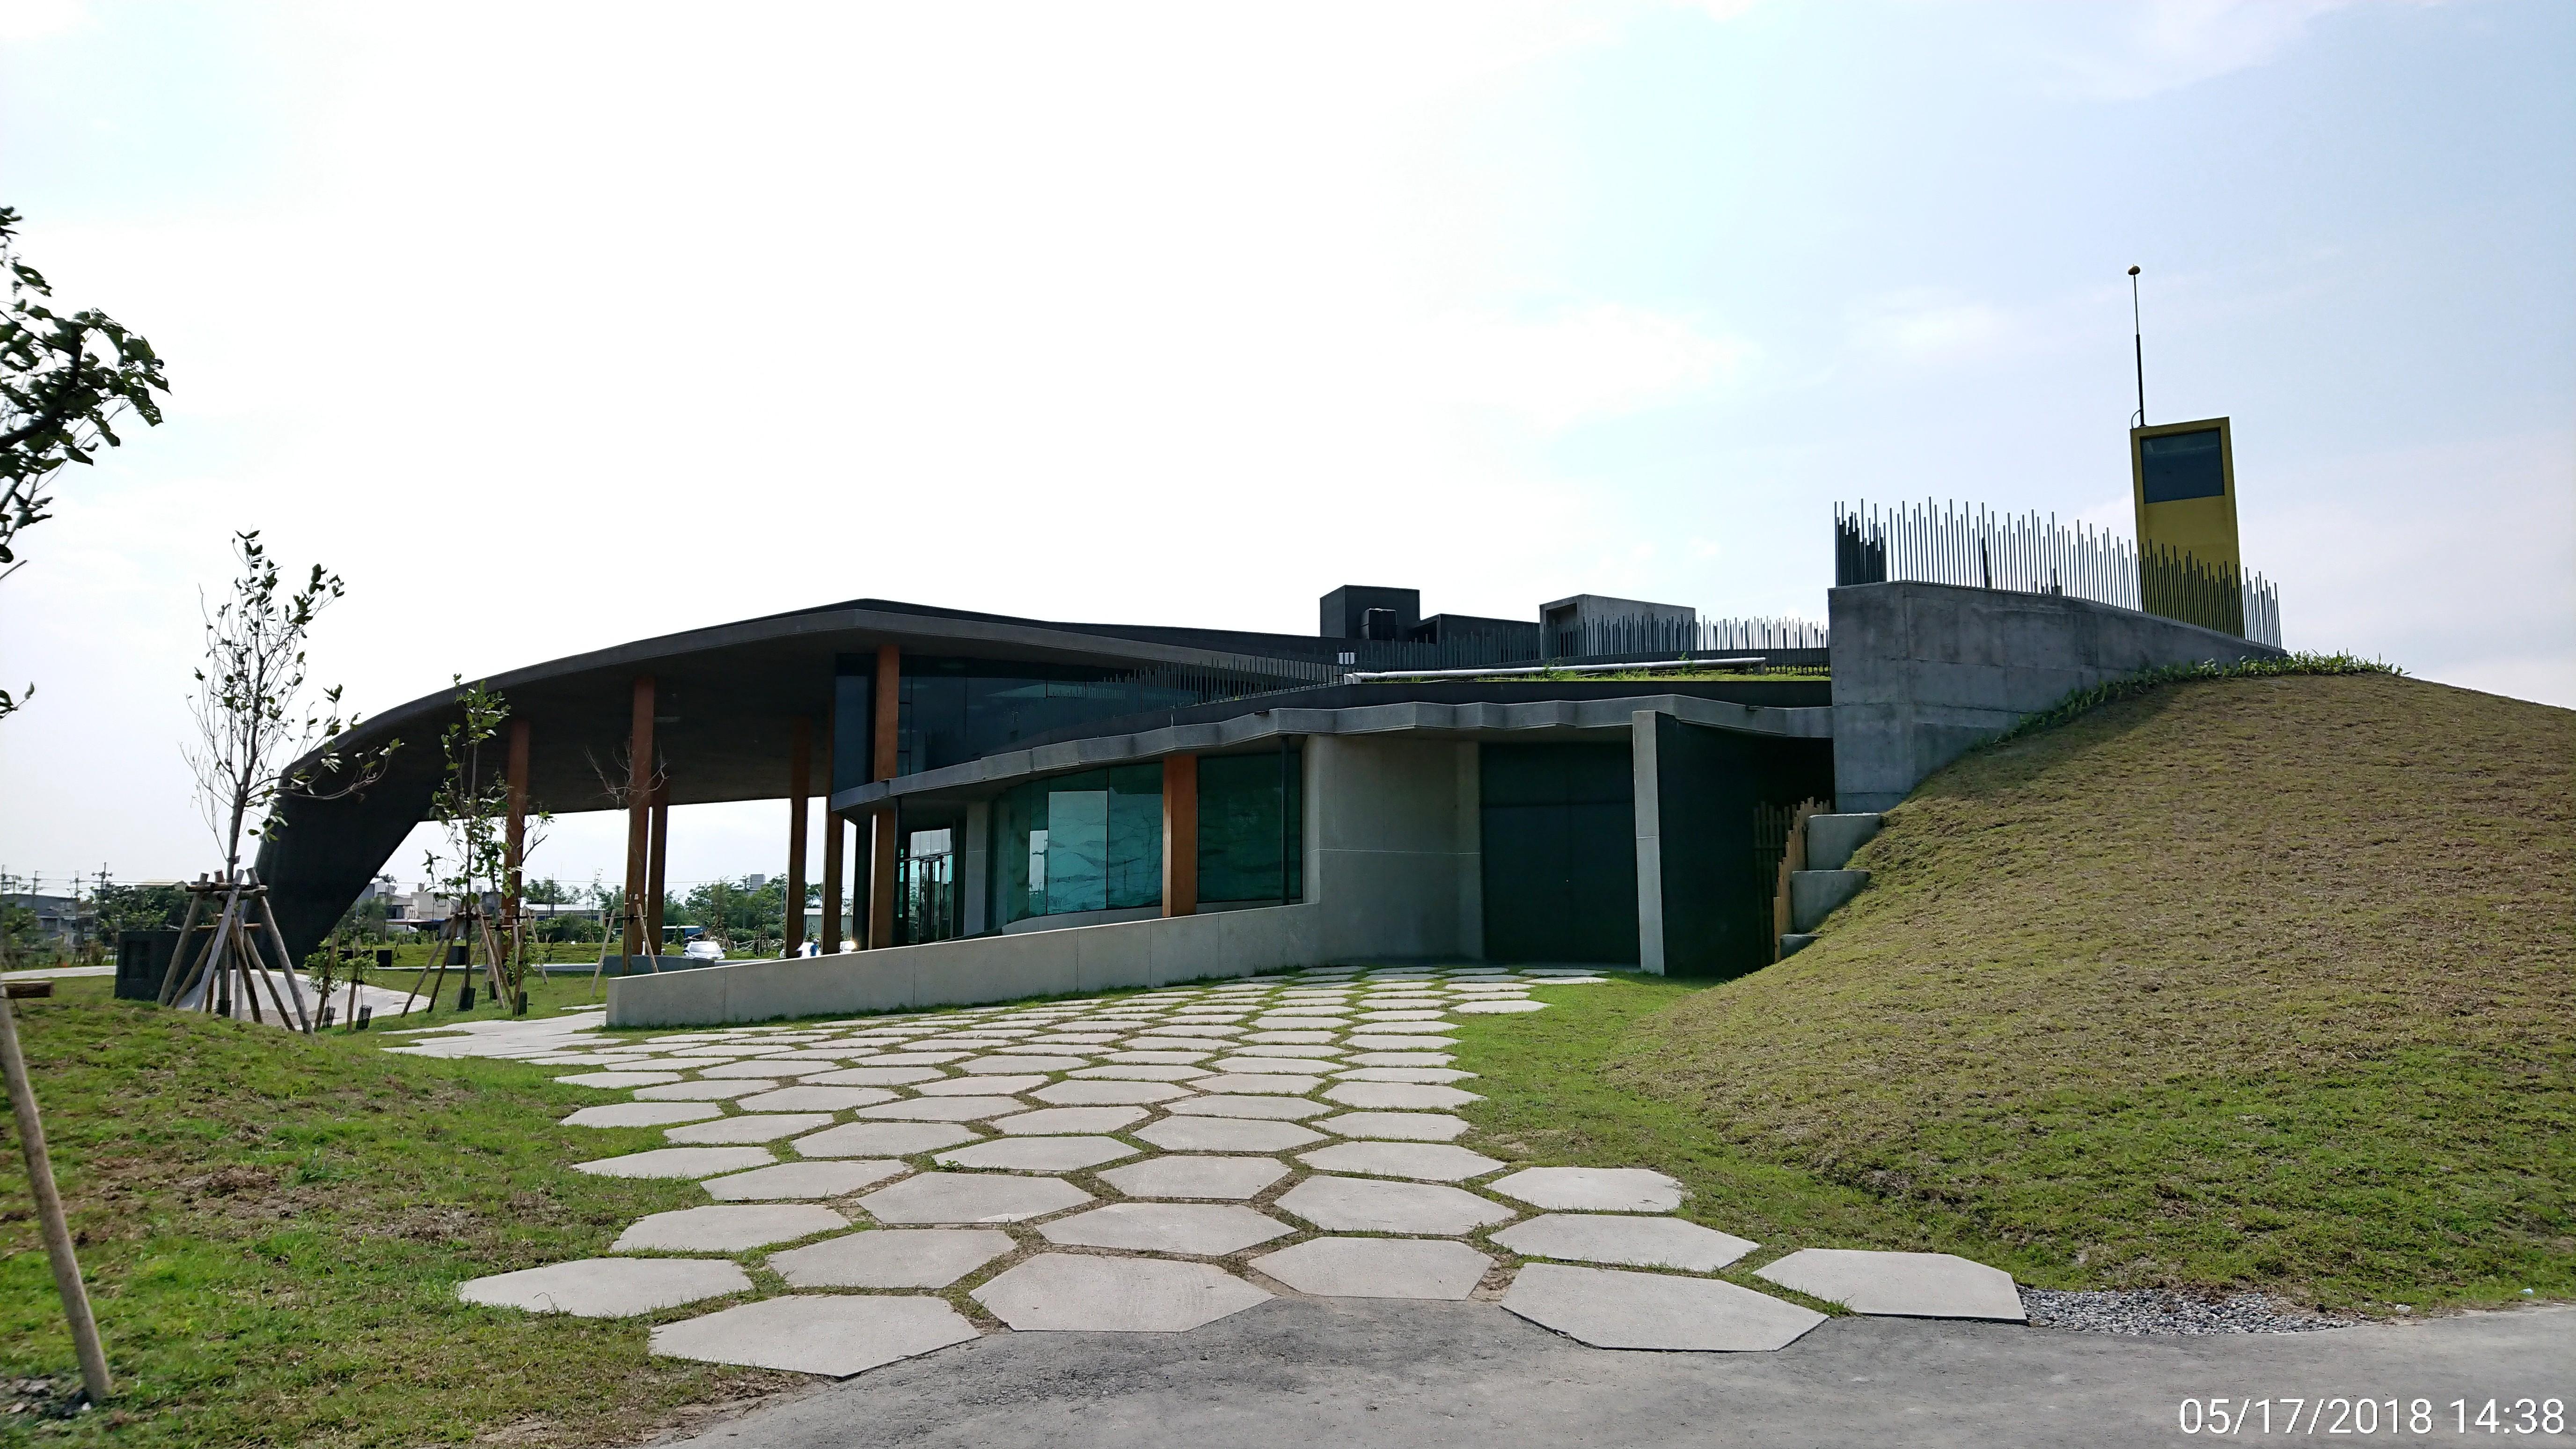 壯圍砂丘旅行サービスエリアの側面